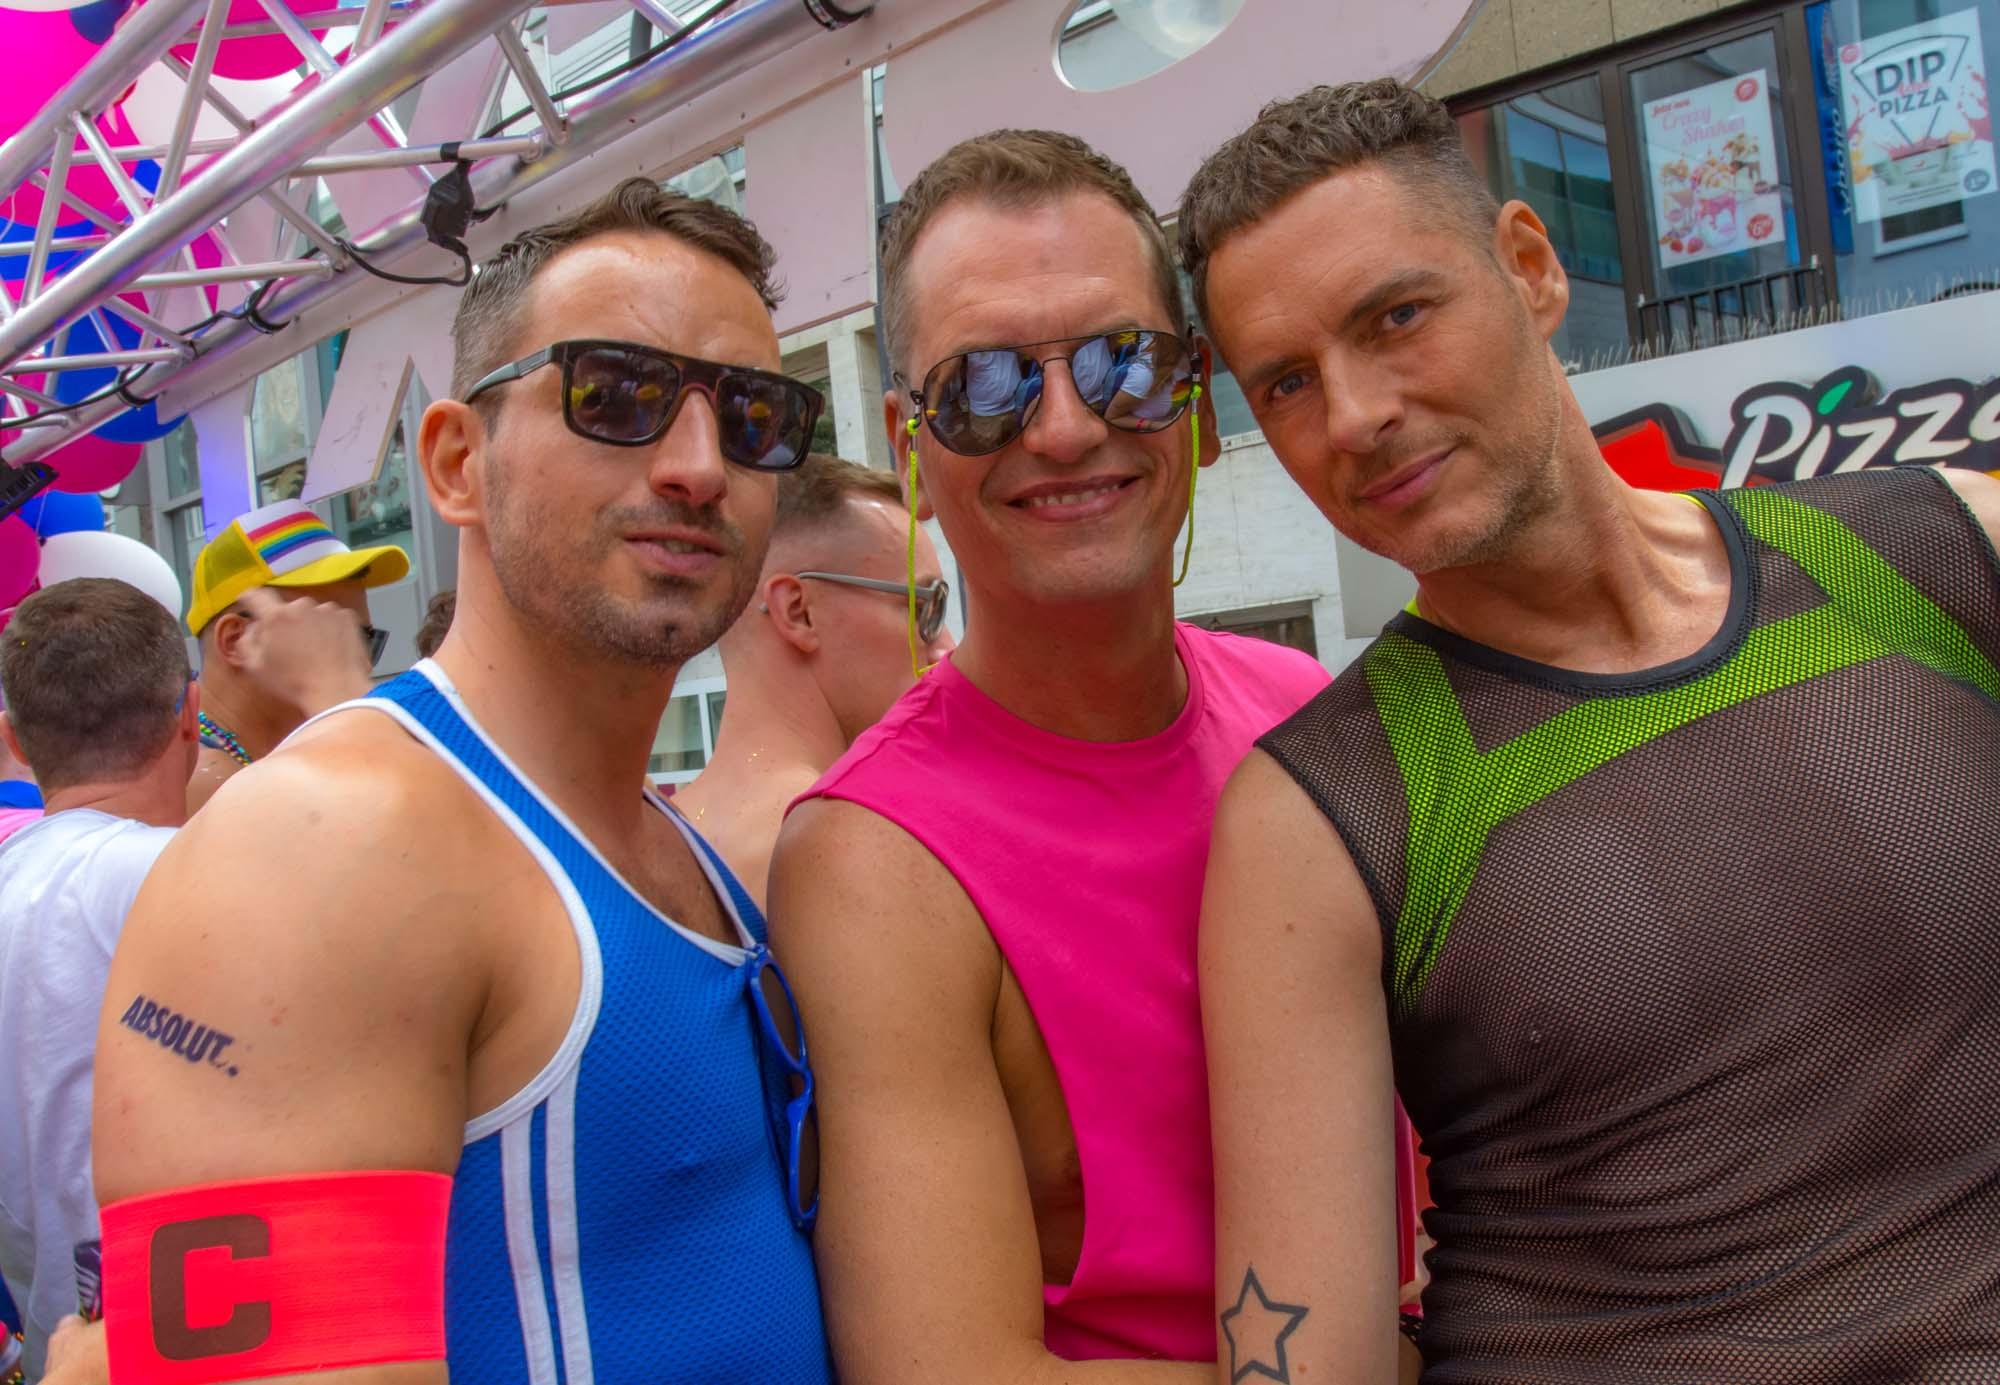 ColognePride-07-07-2019-1_0077_Hintergru